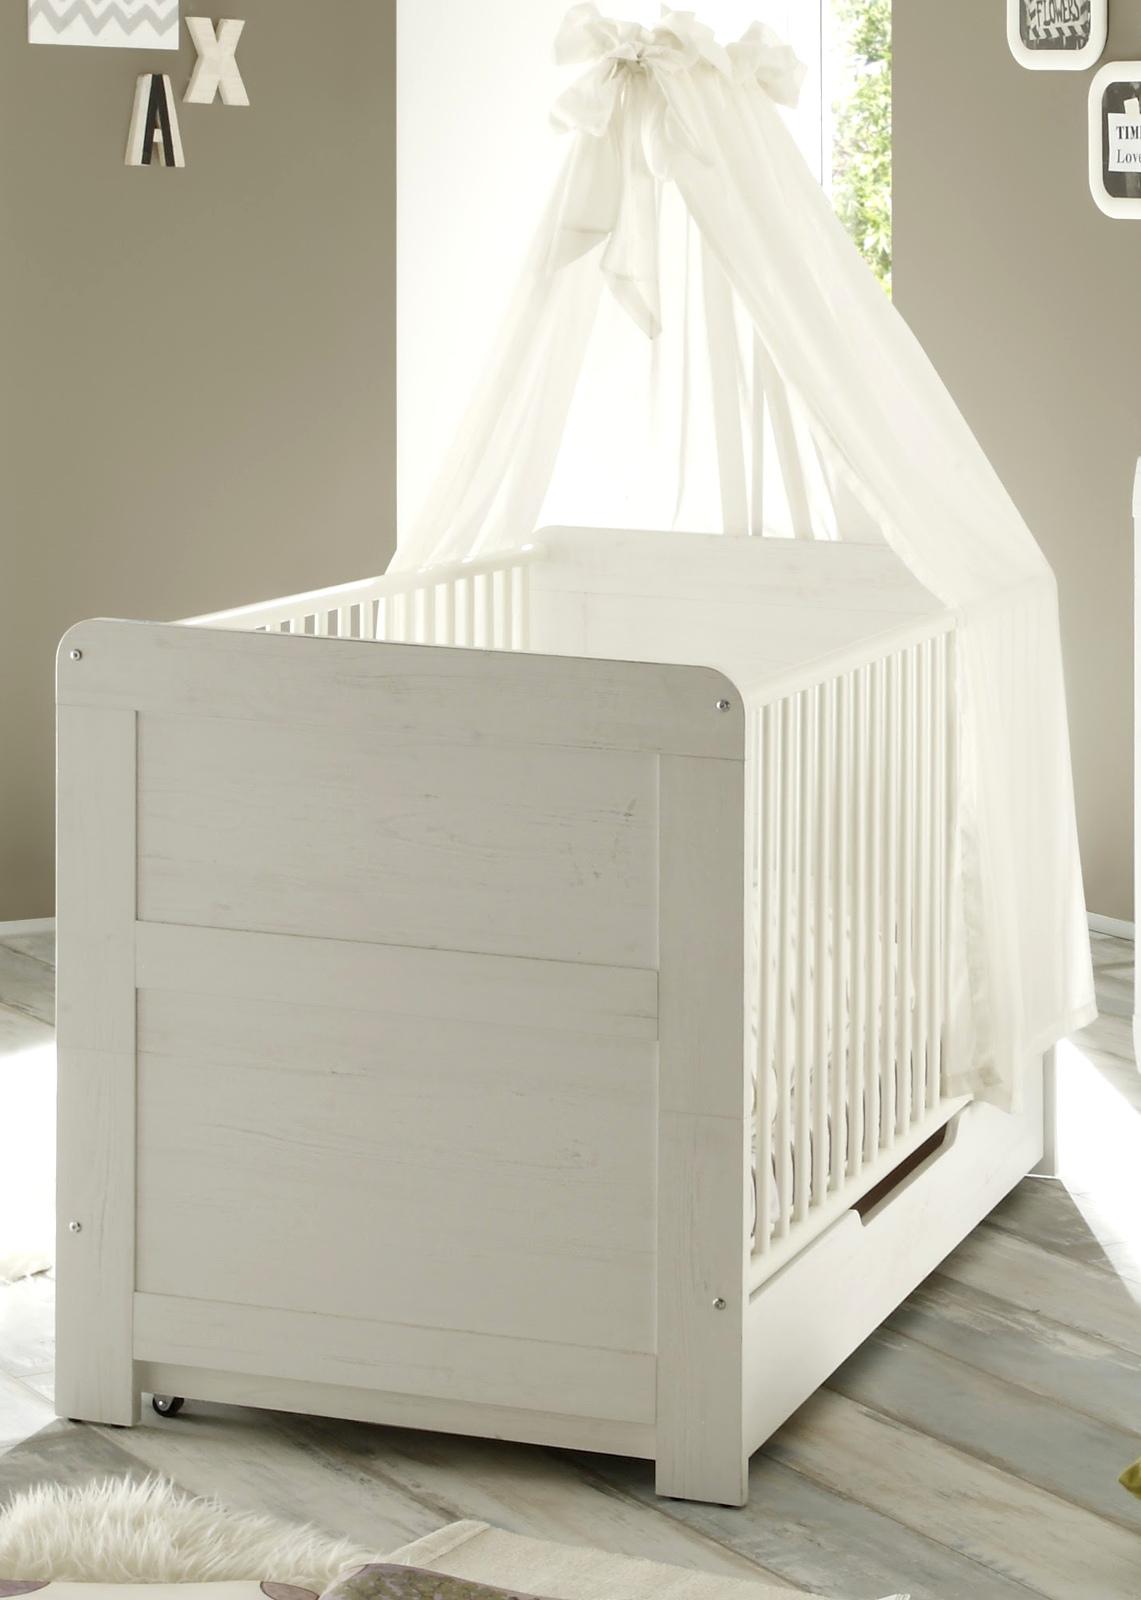 Babyzimmer Babybett und Wickelkommode Landi